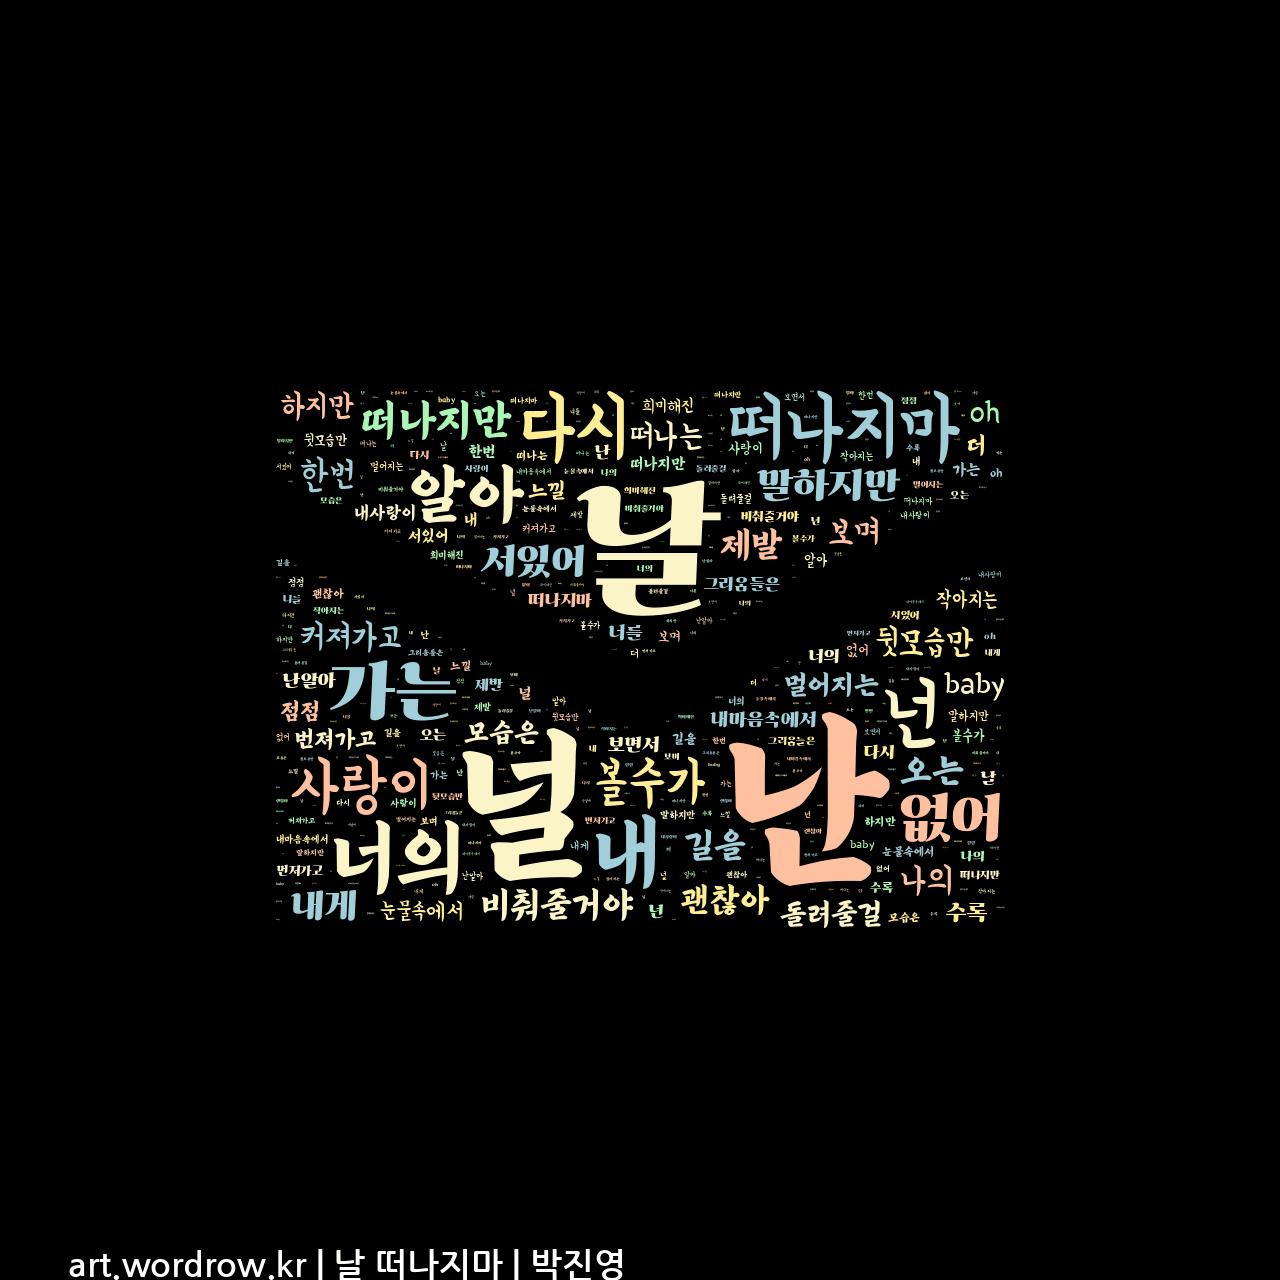 워드 아트: 날 떠나지마 [박진영]-31